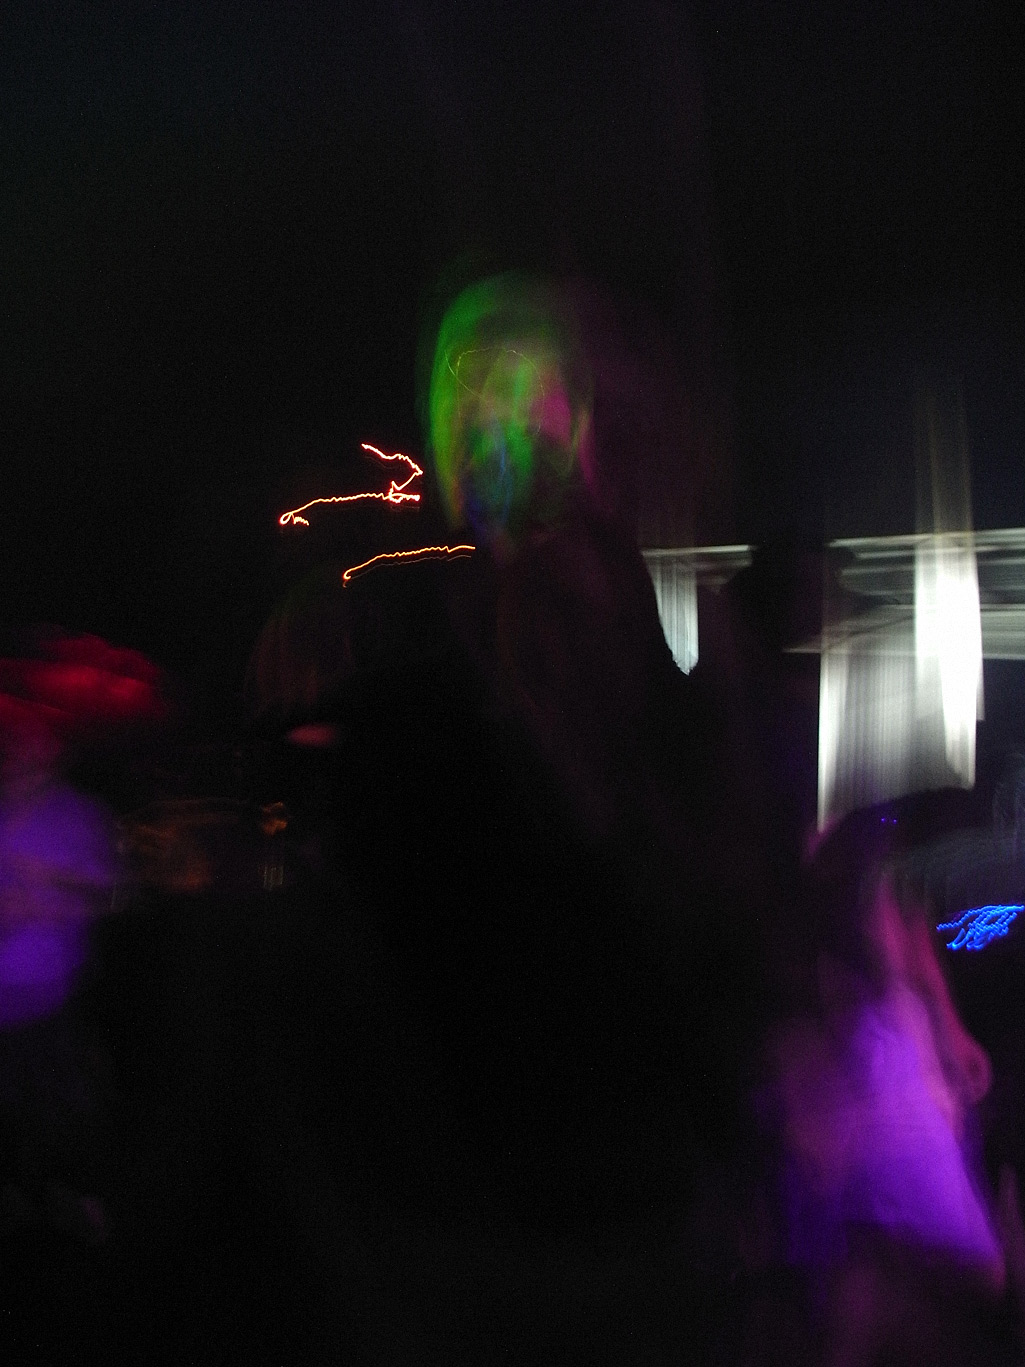 Francois Soulignac - Barcelona Nightlife in Sala Apolo (Dancers in the dark)